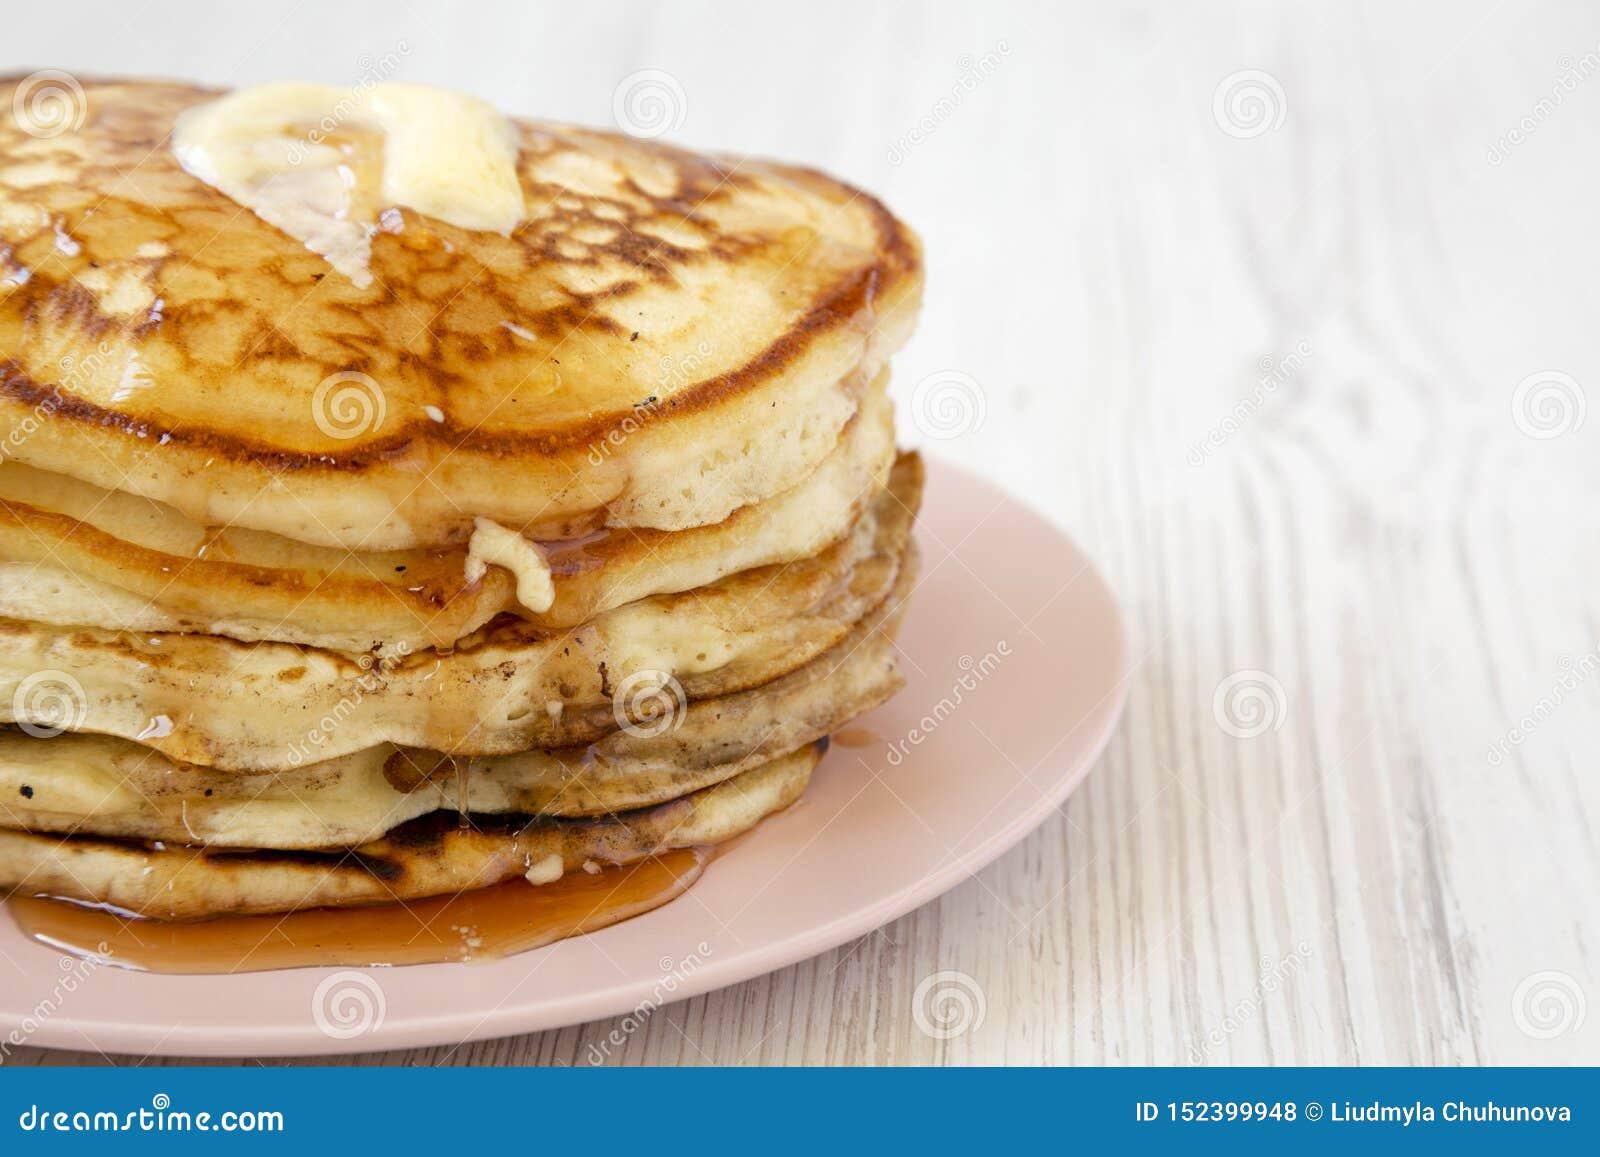 Hemlagade pannkakor med smör- och lönnsirap på en rosa platta, sidosikt kopiera avst?nd